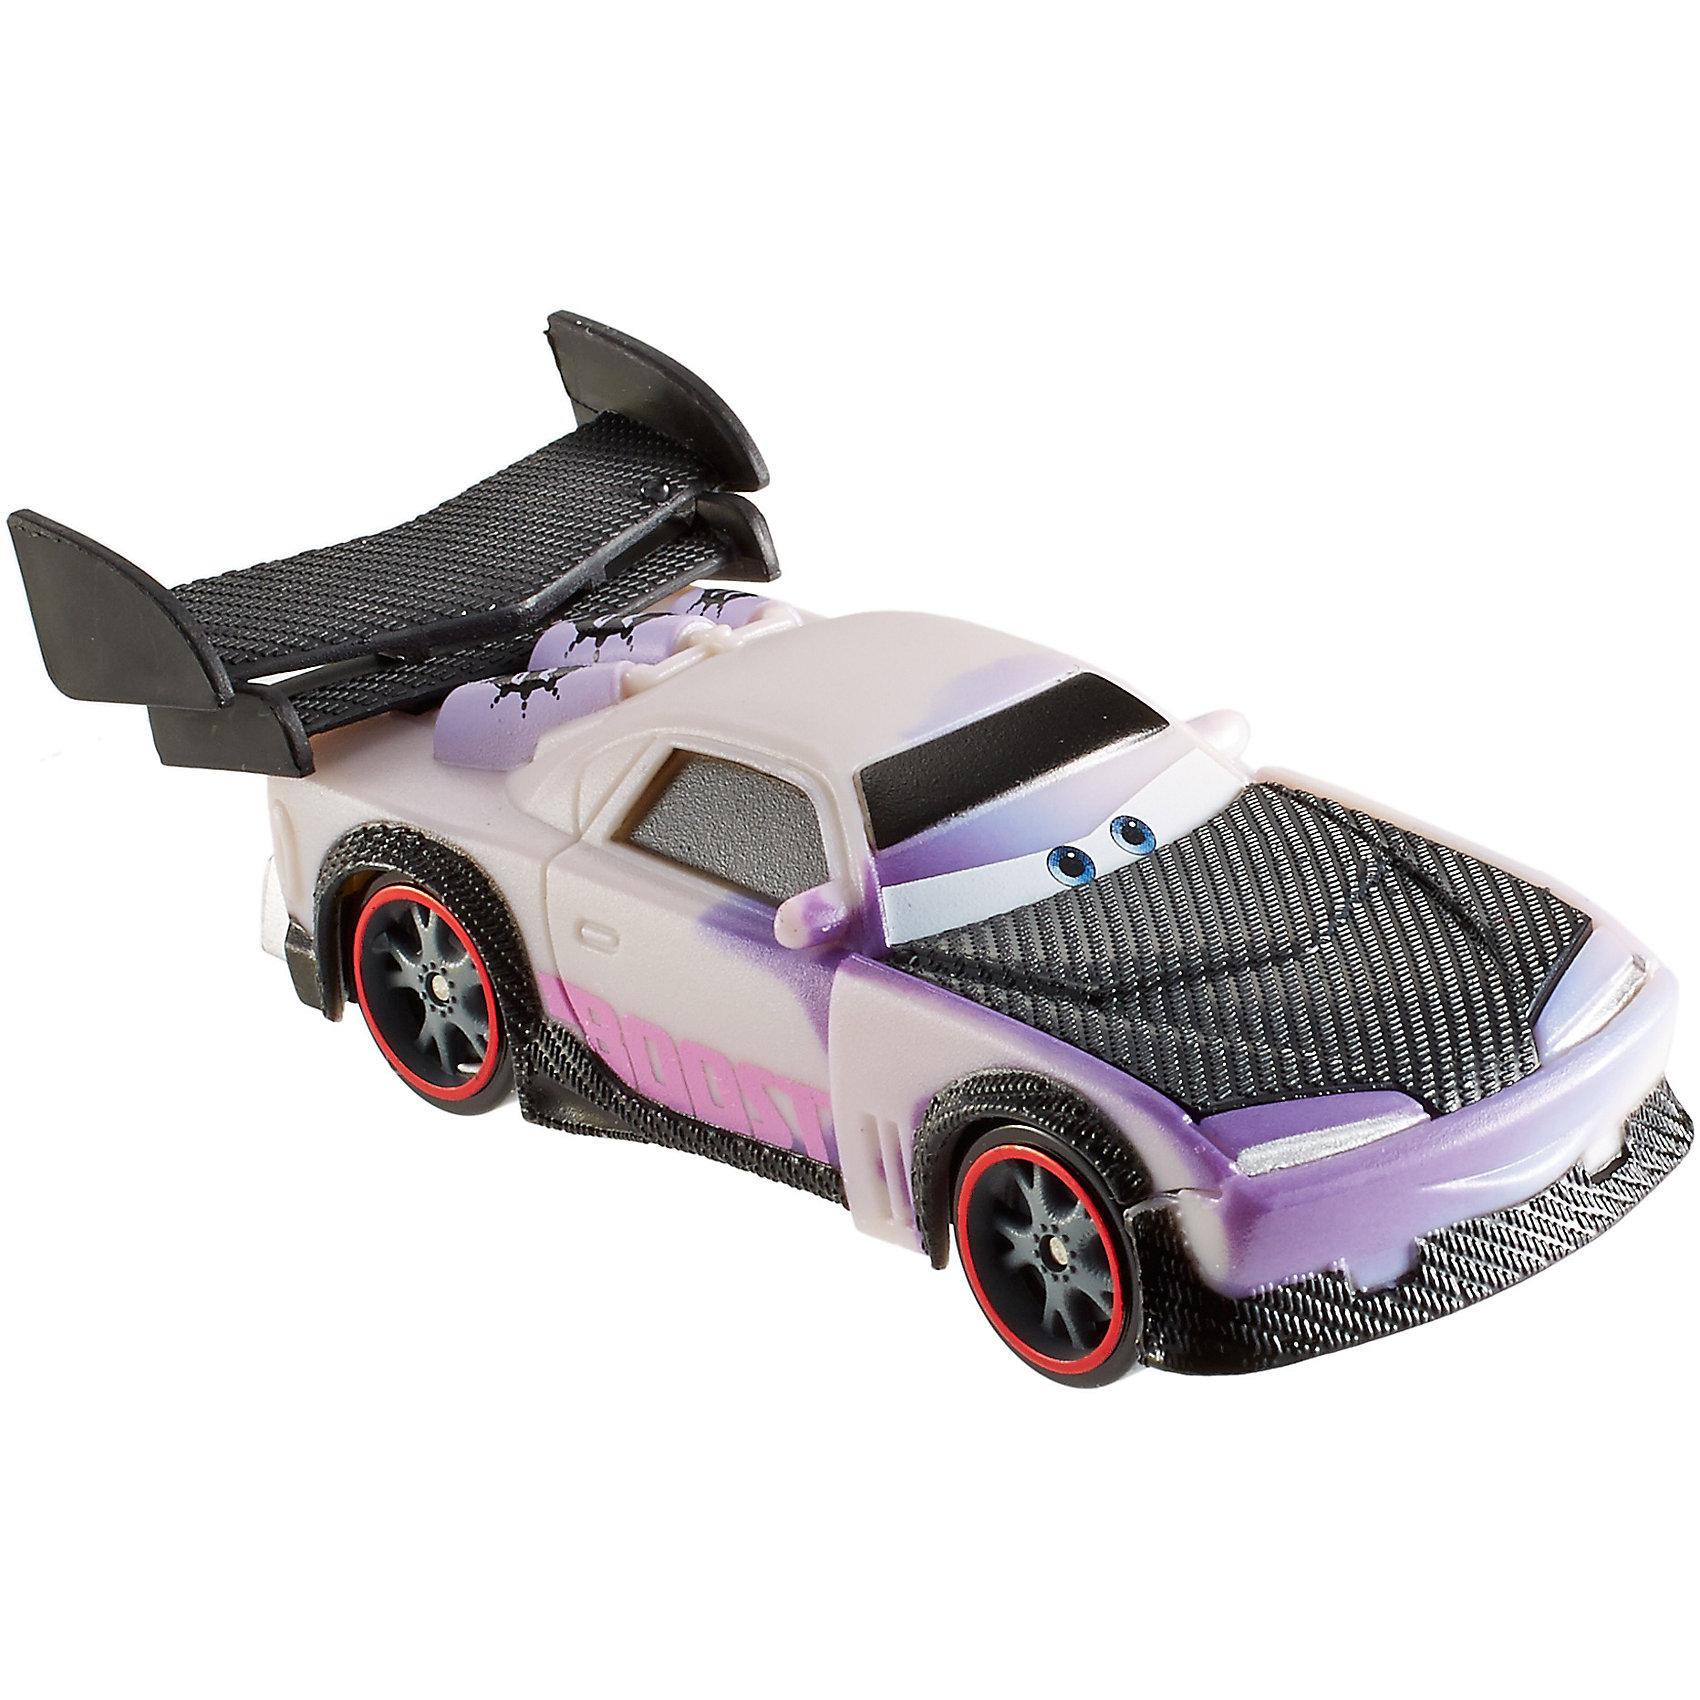 Машинка, меняющая цвет, ТачкиМашинки<br>Машинка, меняющая цвет, Тачки от Mattel (Маттел) ? герои любимого мультфильма Тачки представлены в новой уникальной серии Color Changers от Mattel. Машинка выполнена из высококачественного пластика, устойчивого к механическим повреждениям. У машины вращающиеся колеса и инерционный механизм. <br>Машинка выполнена в фиолетовом цвете главного героя Буста. При погружении в воду, корпус машинки меняет цвет, насыщенность цвета зависит от температуры воды.<br>Машинка, меняющая цвет, Тачки от Mattel (Маттел) позволит не только создать уникальный дизайн машинки, но и воспроизвести полюбившиеся сцены из мультфильма или придумать свою историю с главными героями.<br><br>Дополнительная информация:<br><br>- Вид игр: сюжетно-ролевые <br>- Предназначение: для дома<br>- Серия: Color Changers<br>- Материал: пластик<br>- Размер: 4,5*14*21,5 см<br>- Вес: 84 г <br>- Особенности ухода: разрешается мыть<br><br>Подробнее:<br><br>• Для детей в возрасте: от 3 лет и до 10 лет<br>• Страна производитель: Китай<br>• Торговый бренд: Mattel<br><br>Машинку, меняющую цвет, Тачки от Mattel (Маттел) можно купить в нашем интернет-магазине.<br><br>Ширина мм: 45<br>Глубина мм: 140<br>Высота мм: 215<br>Вес г: 84<br>Возраст от месяцев: 36<br>Возраст до месяцев: 120<br>Пол: Мужской<br>Возраст: Детский<br>SKU: 4918465